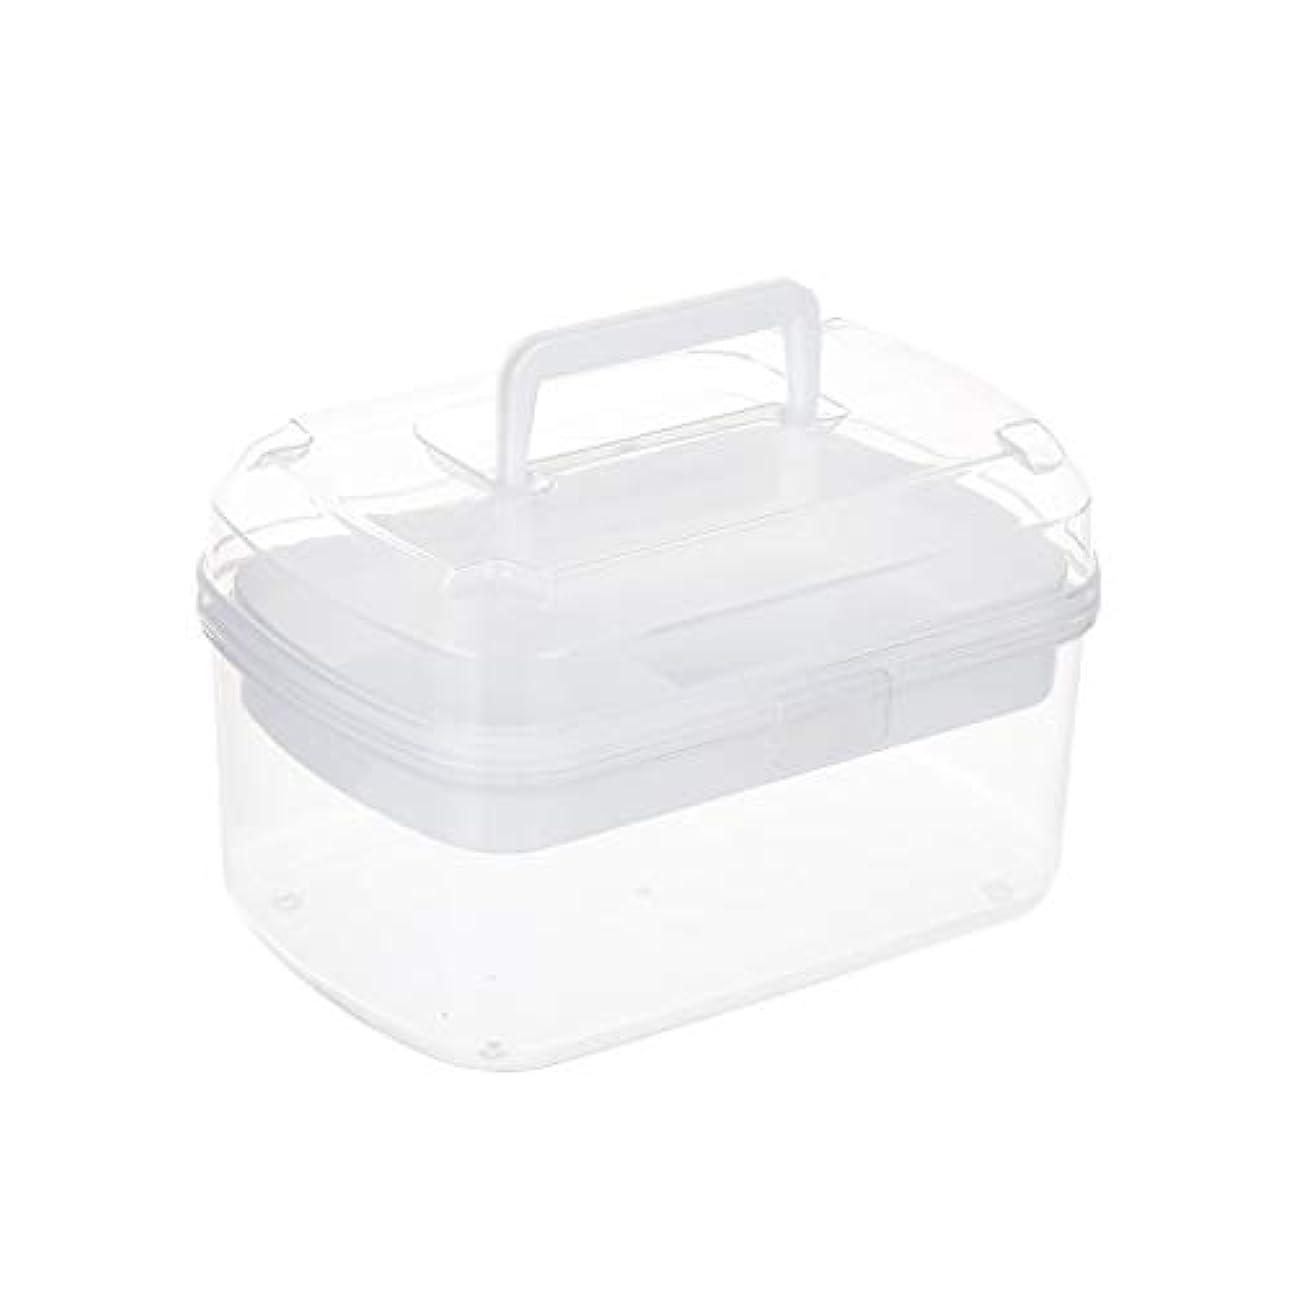 ゴネリル女優プラットフォーム家庭用薬箱小さな薬箱薬収納ボックスポータブル多層救急箱透明色 GBYGDQ